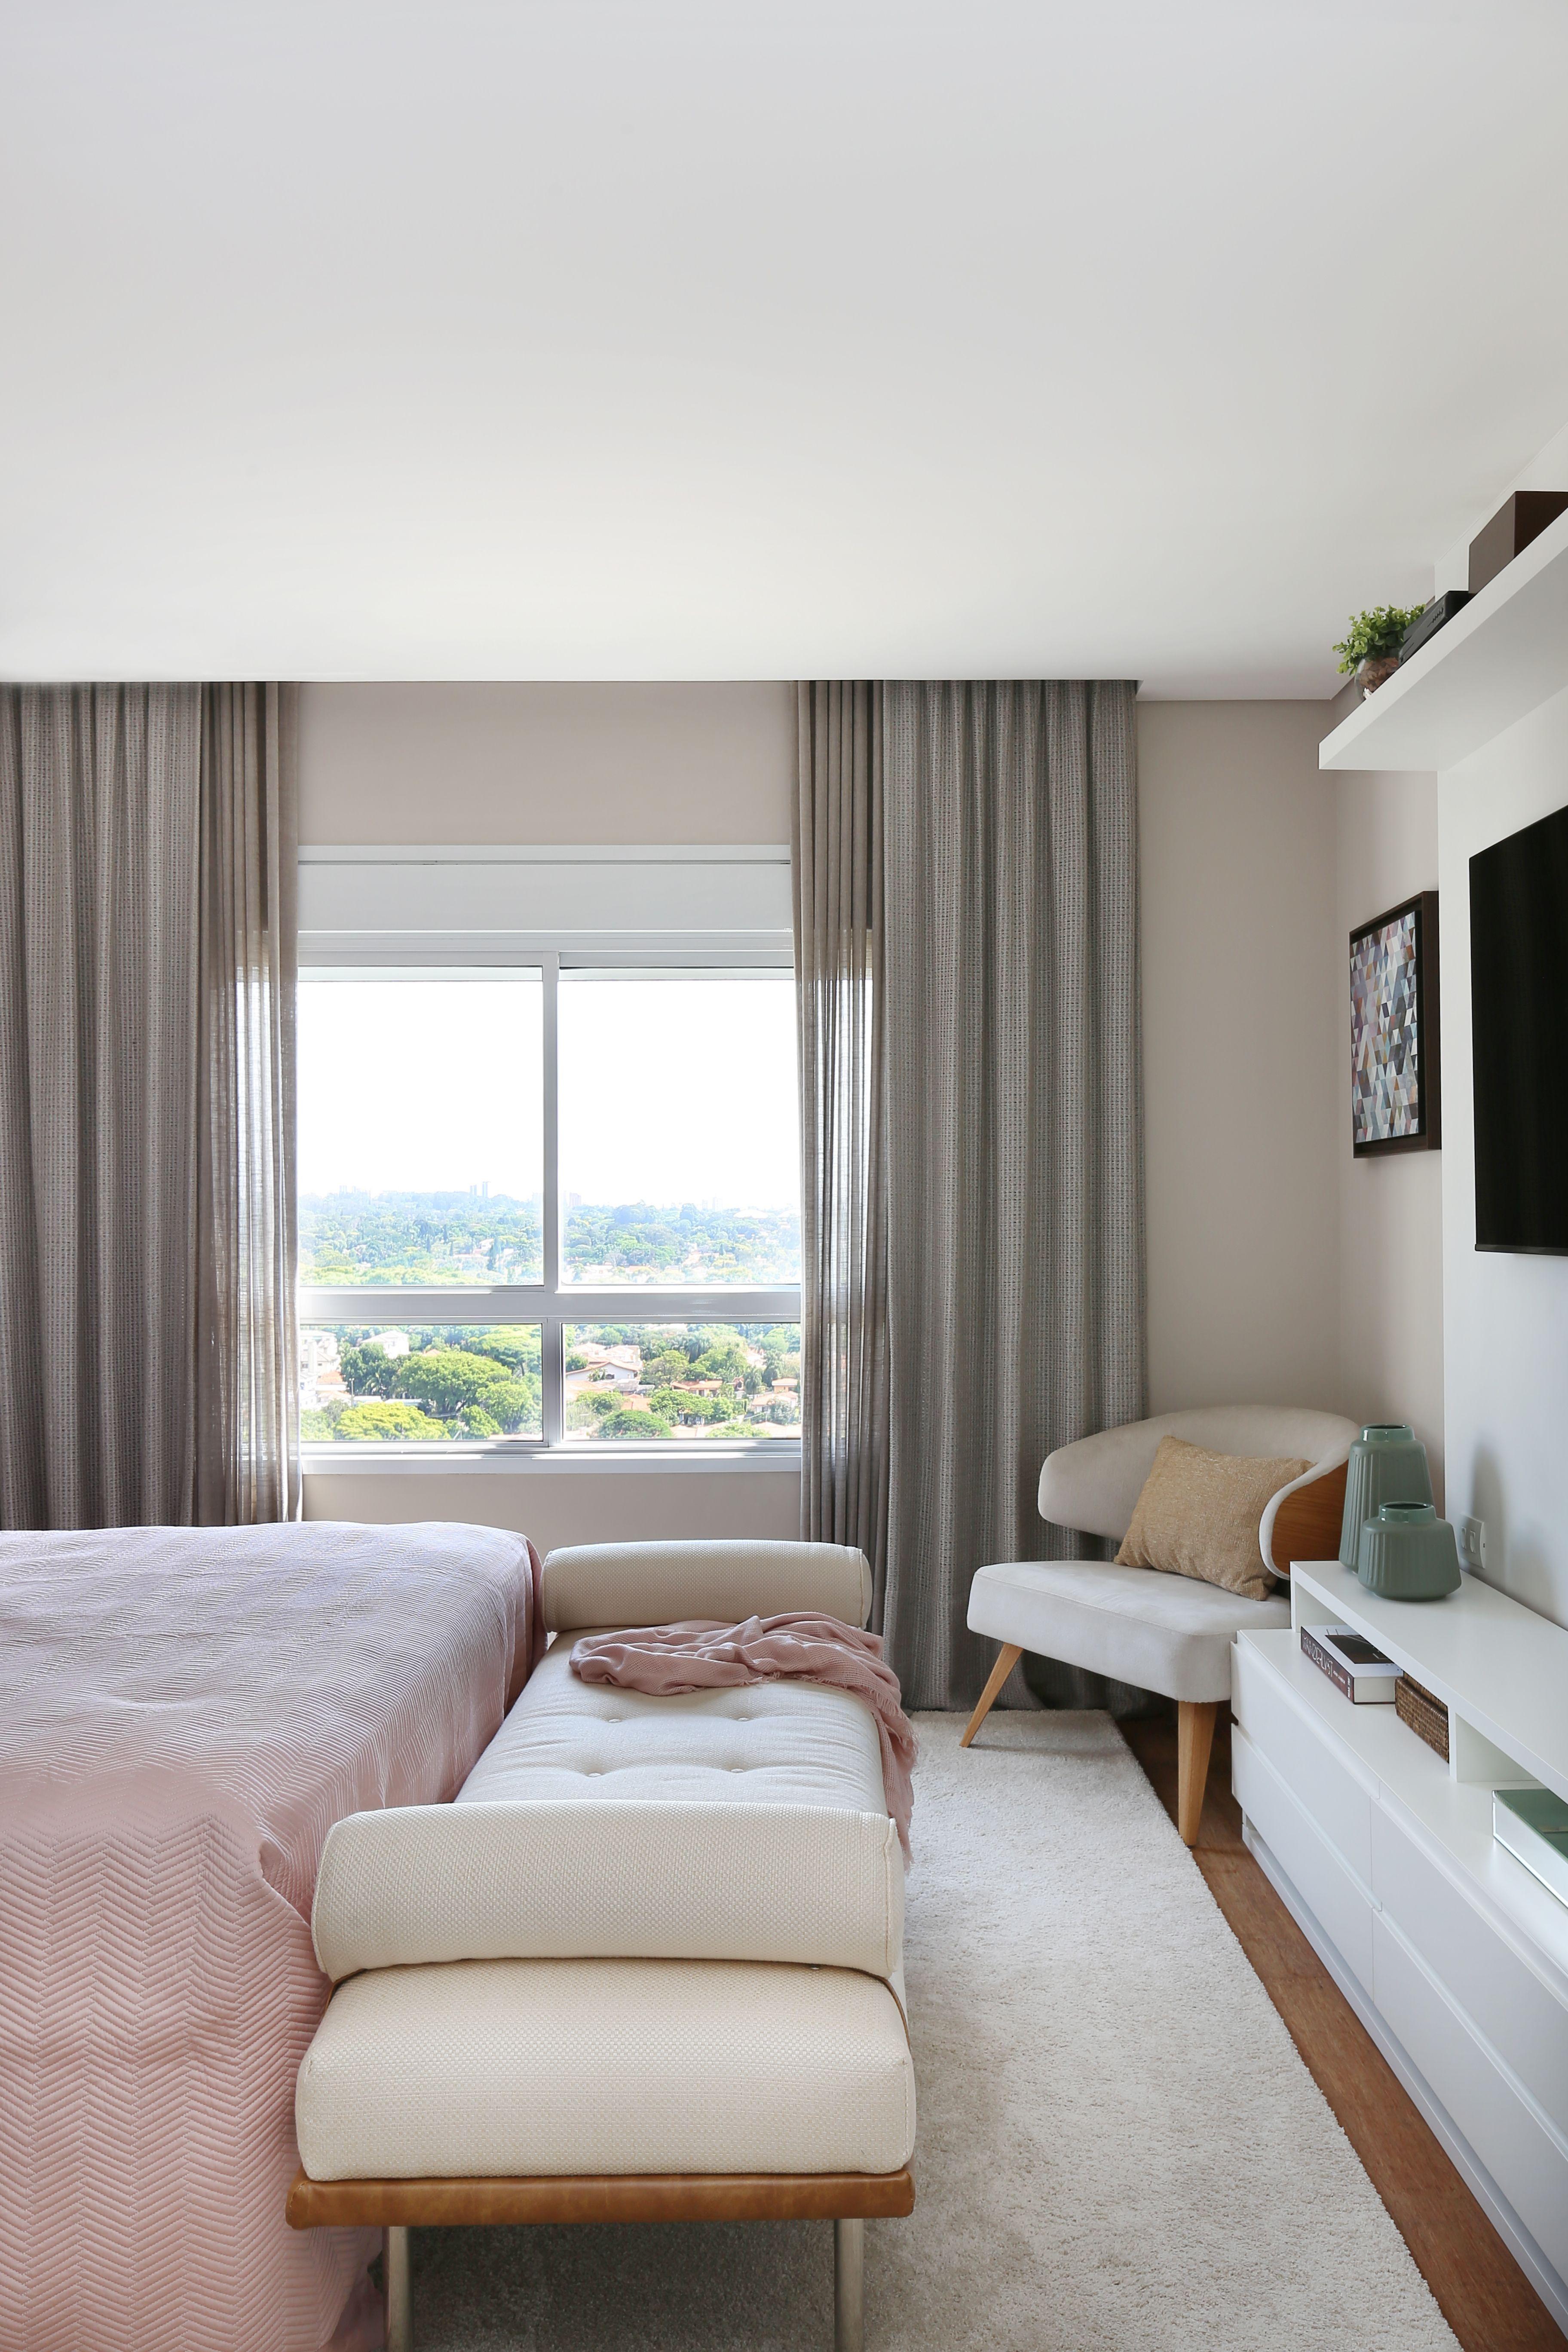 Dormitorio Karen ~ Quarto de Casal por Karen Pisacane Dormitorios principales Pinterest Dormitorio, Cortinas